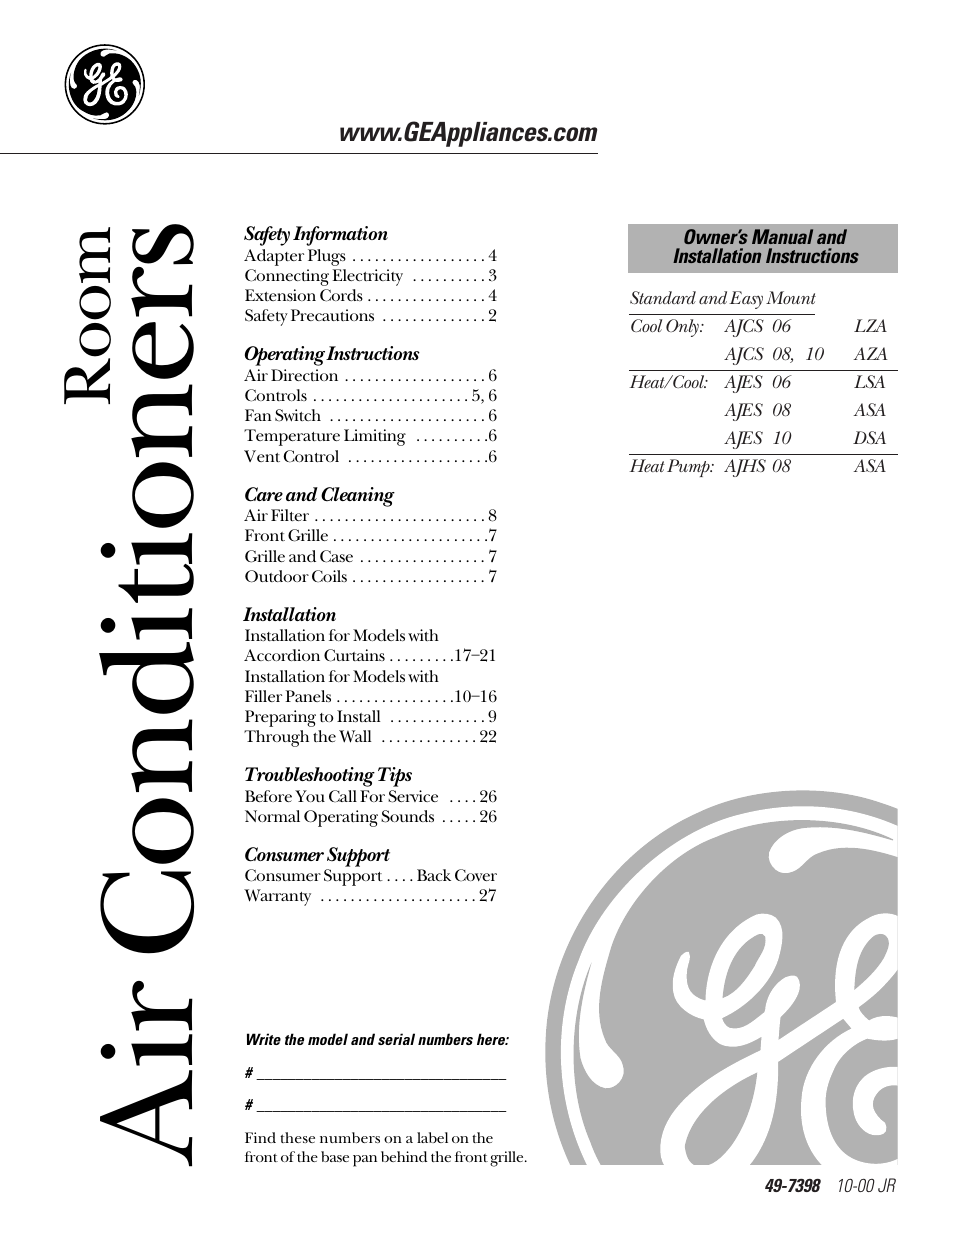 ge 10 aza user manual 28 pages original mode rh manualsdir com GE Dryer Repair Manual Owners Manual GE Appliances